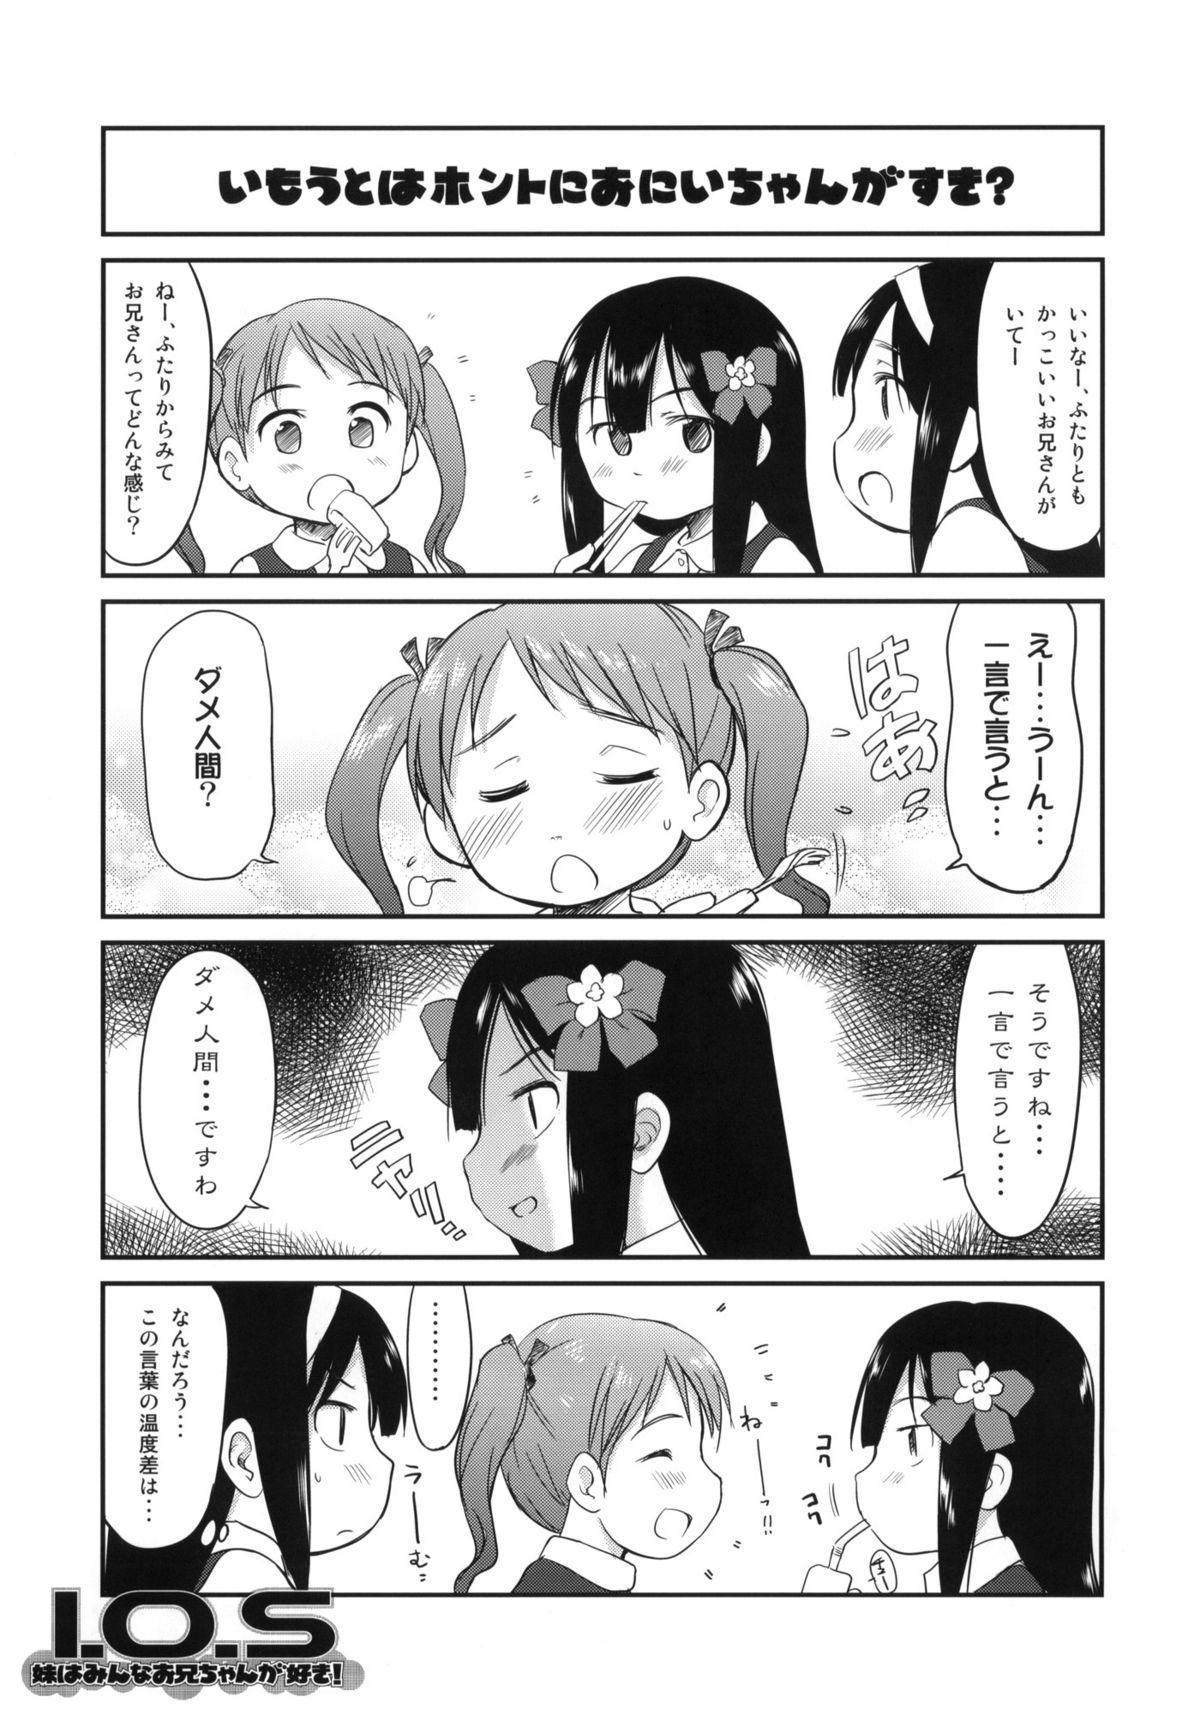 Imouto wa Minna Onii-chan ga Suki! 1